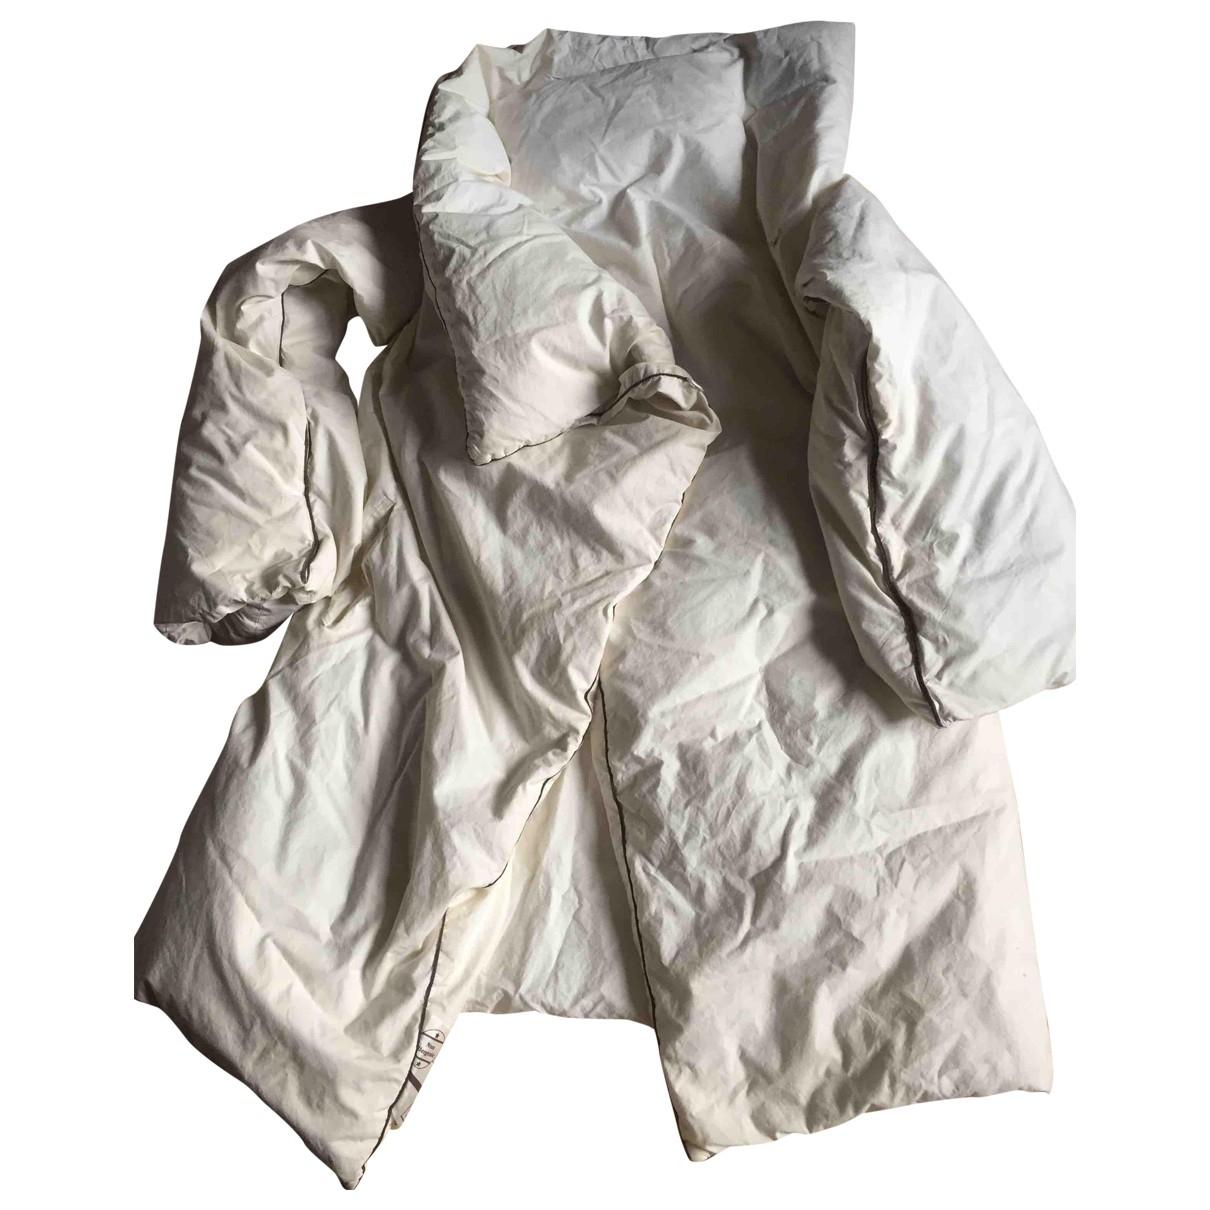 Maison Martin Margiela - Manteau   pour femme en coton - blanc